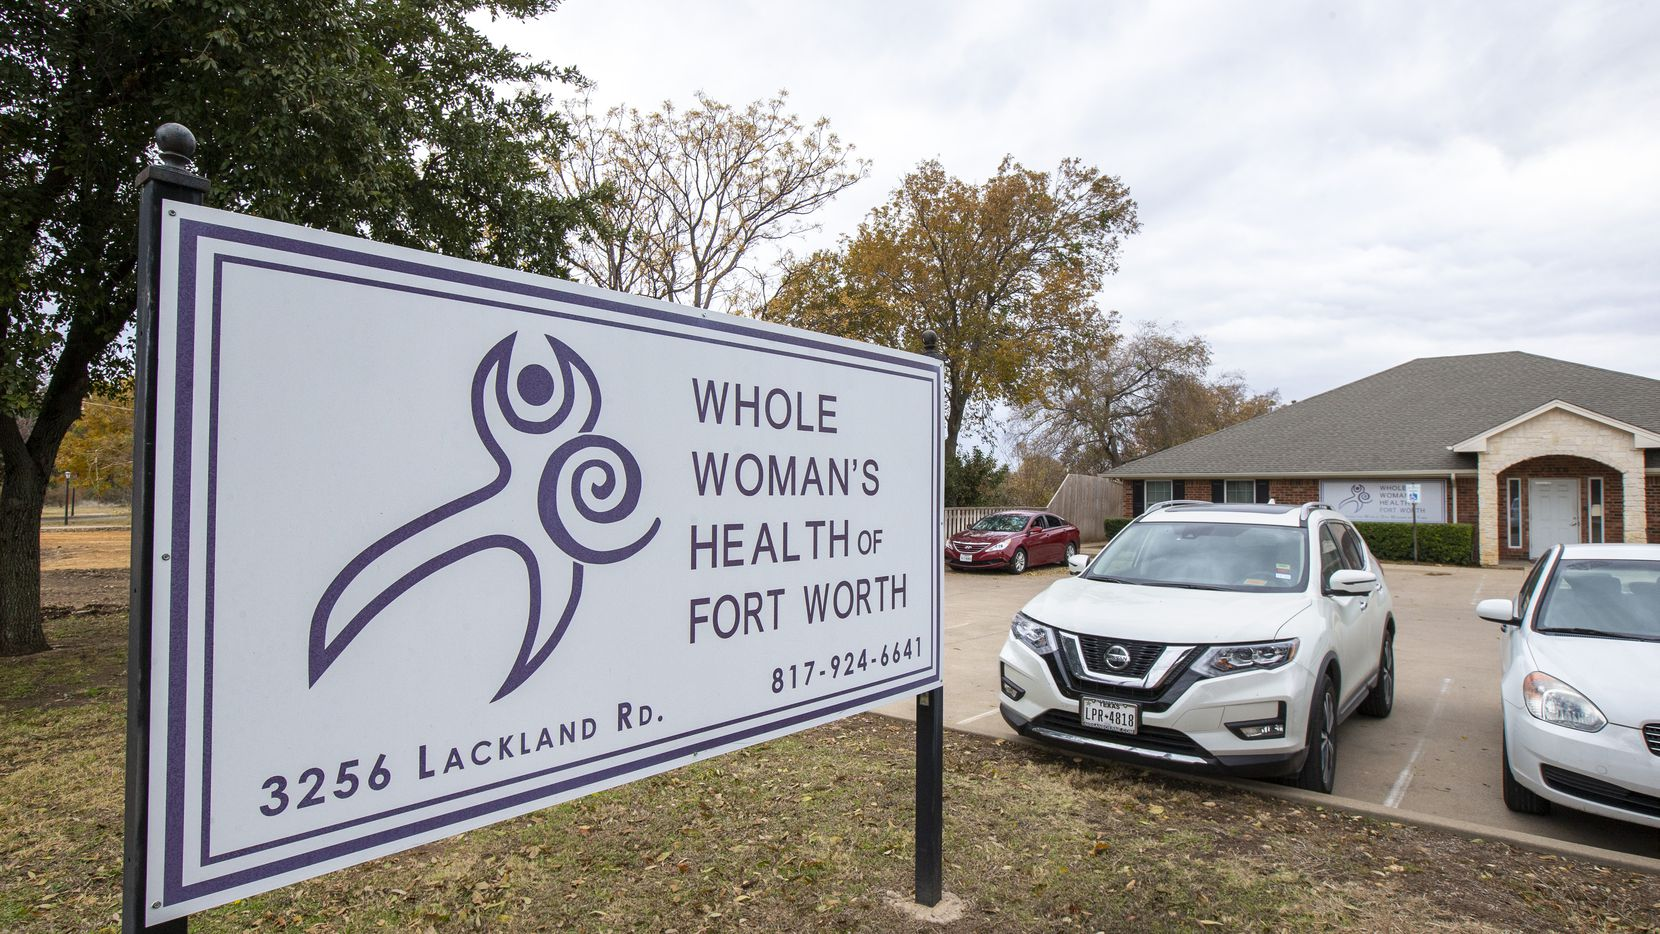 Whole Woman's Health Clinic en Fort Worth, centro de cuidado para abortos que fue acosado por grupos antiabortos hasta la medianoche del miércoles. La clínica es uno de los demandantes que buscan frenar la ley SB8.